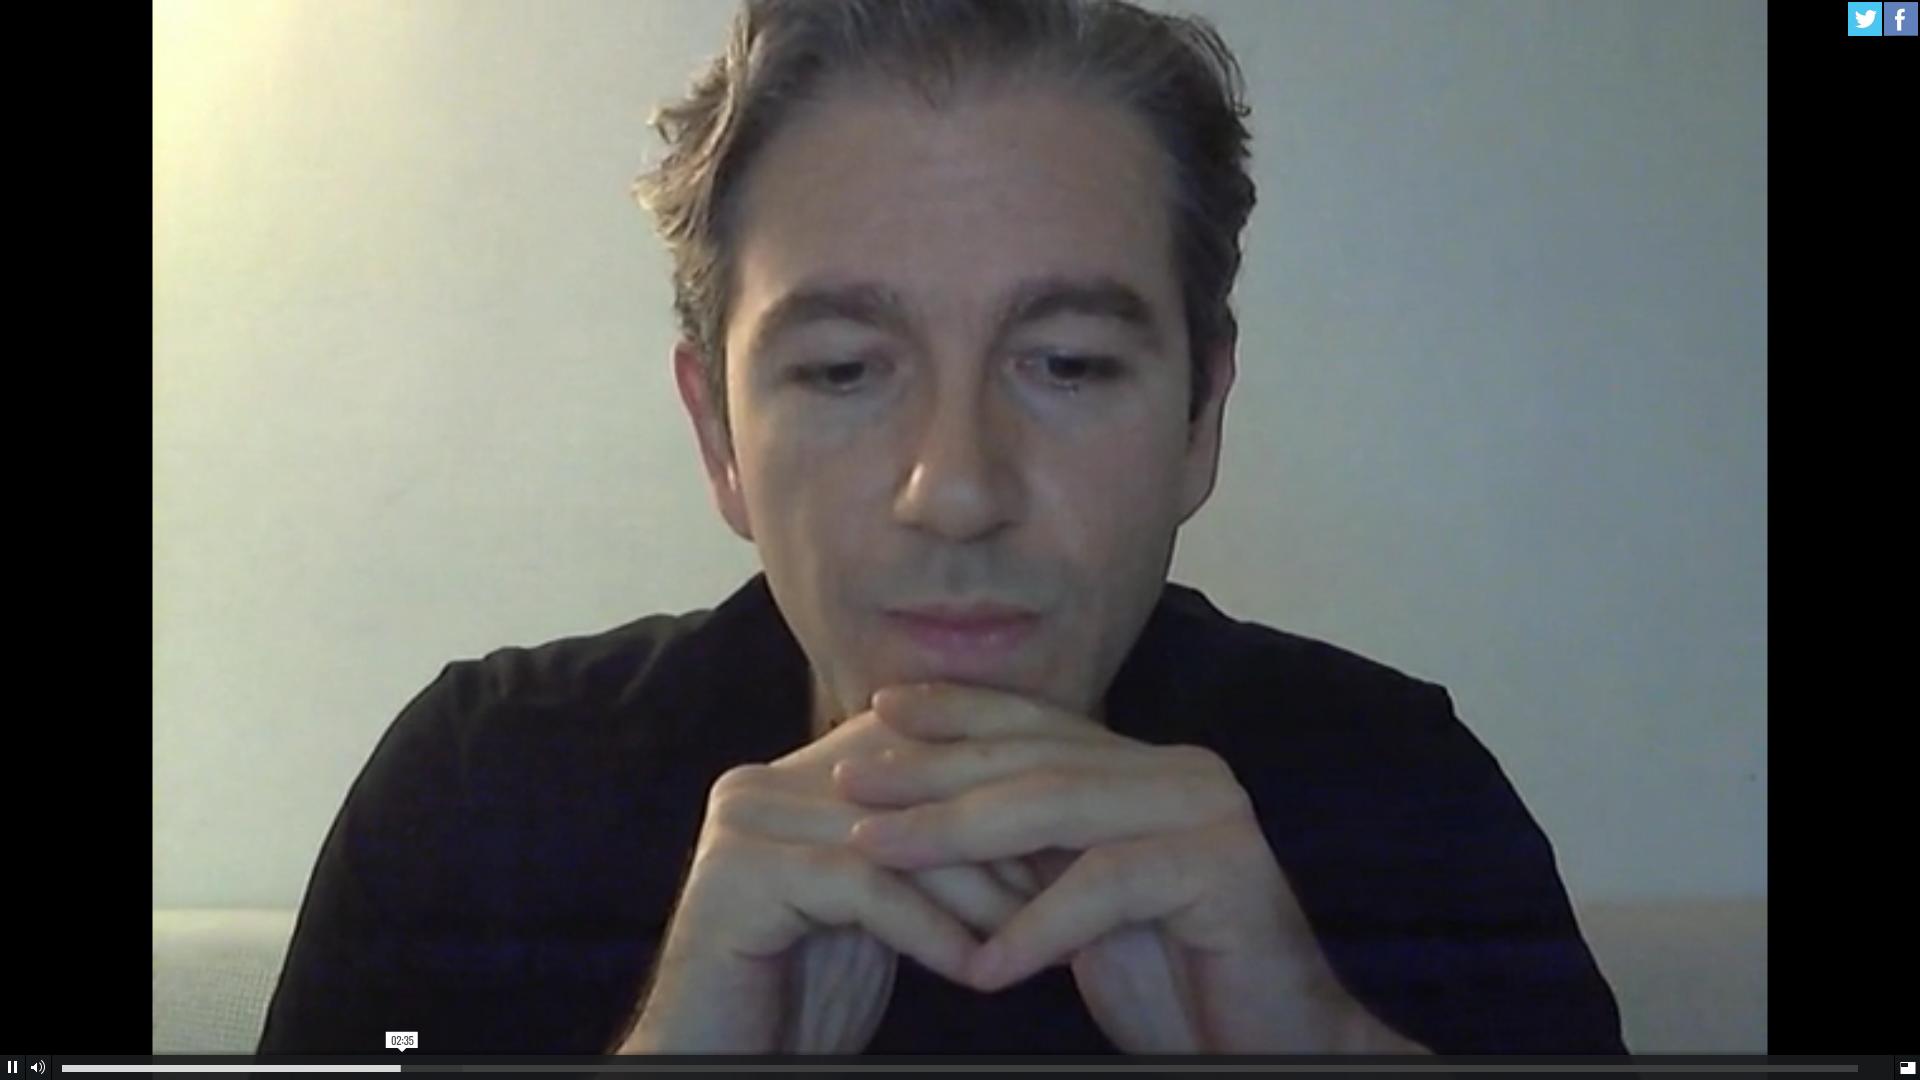 mehmet-pişkin-intihar-videosu.20141017142158.jpg